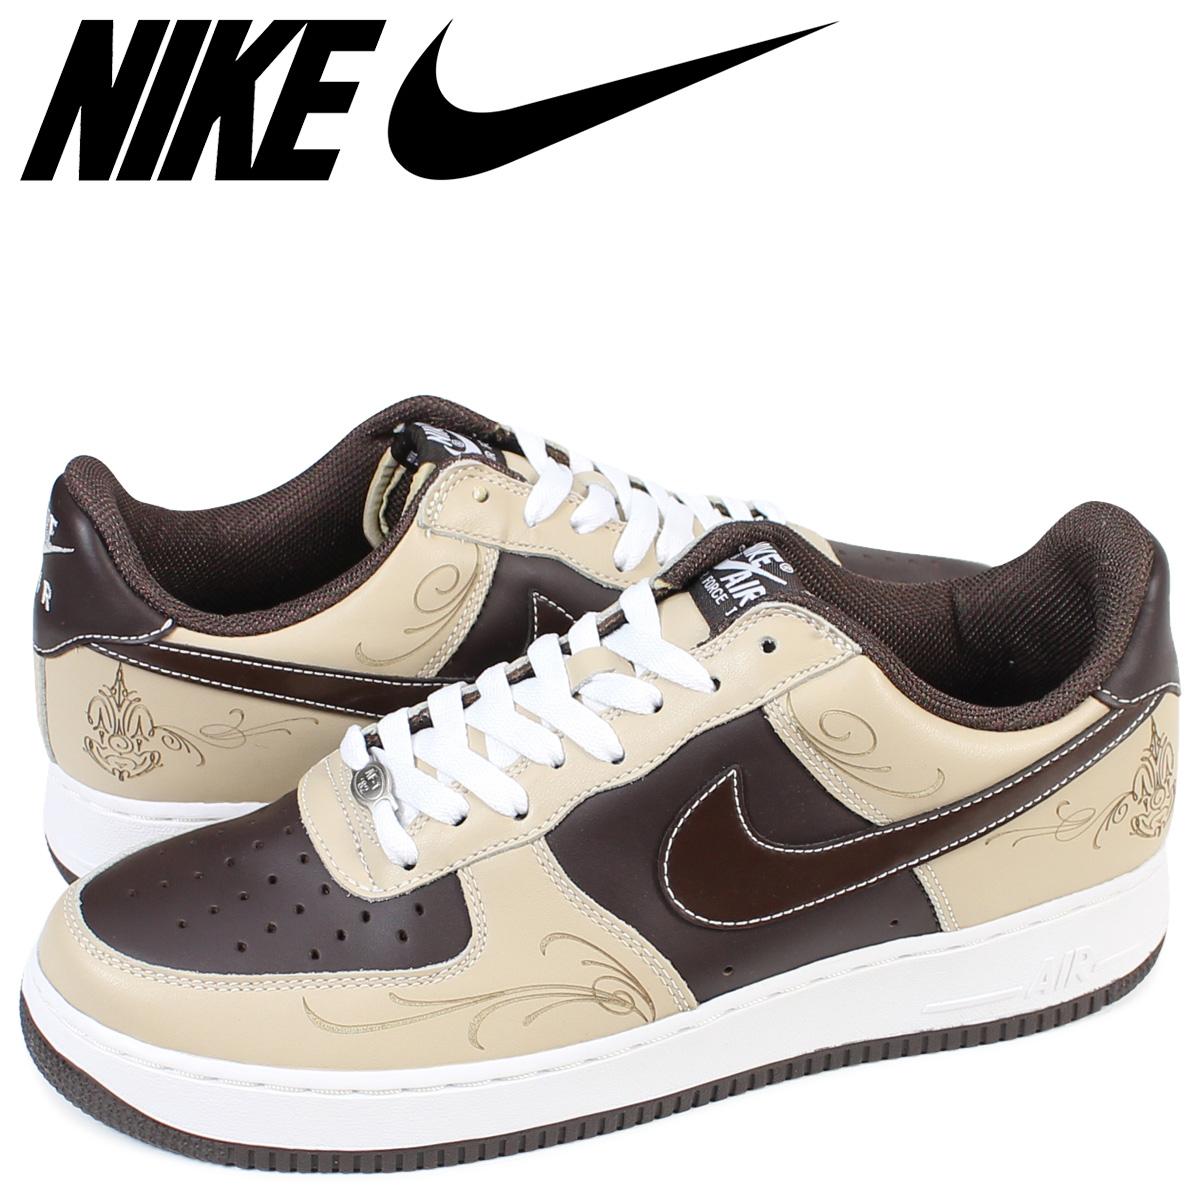 best sneakers 30ceb ca706 NIKE AIR FORCE 1 MR CARTOON Nike air force 1 sneakers 307,334-221 mens  shoes brown